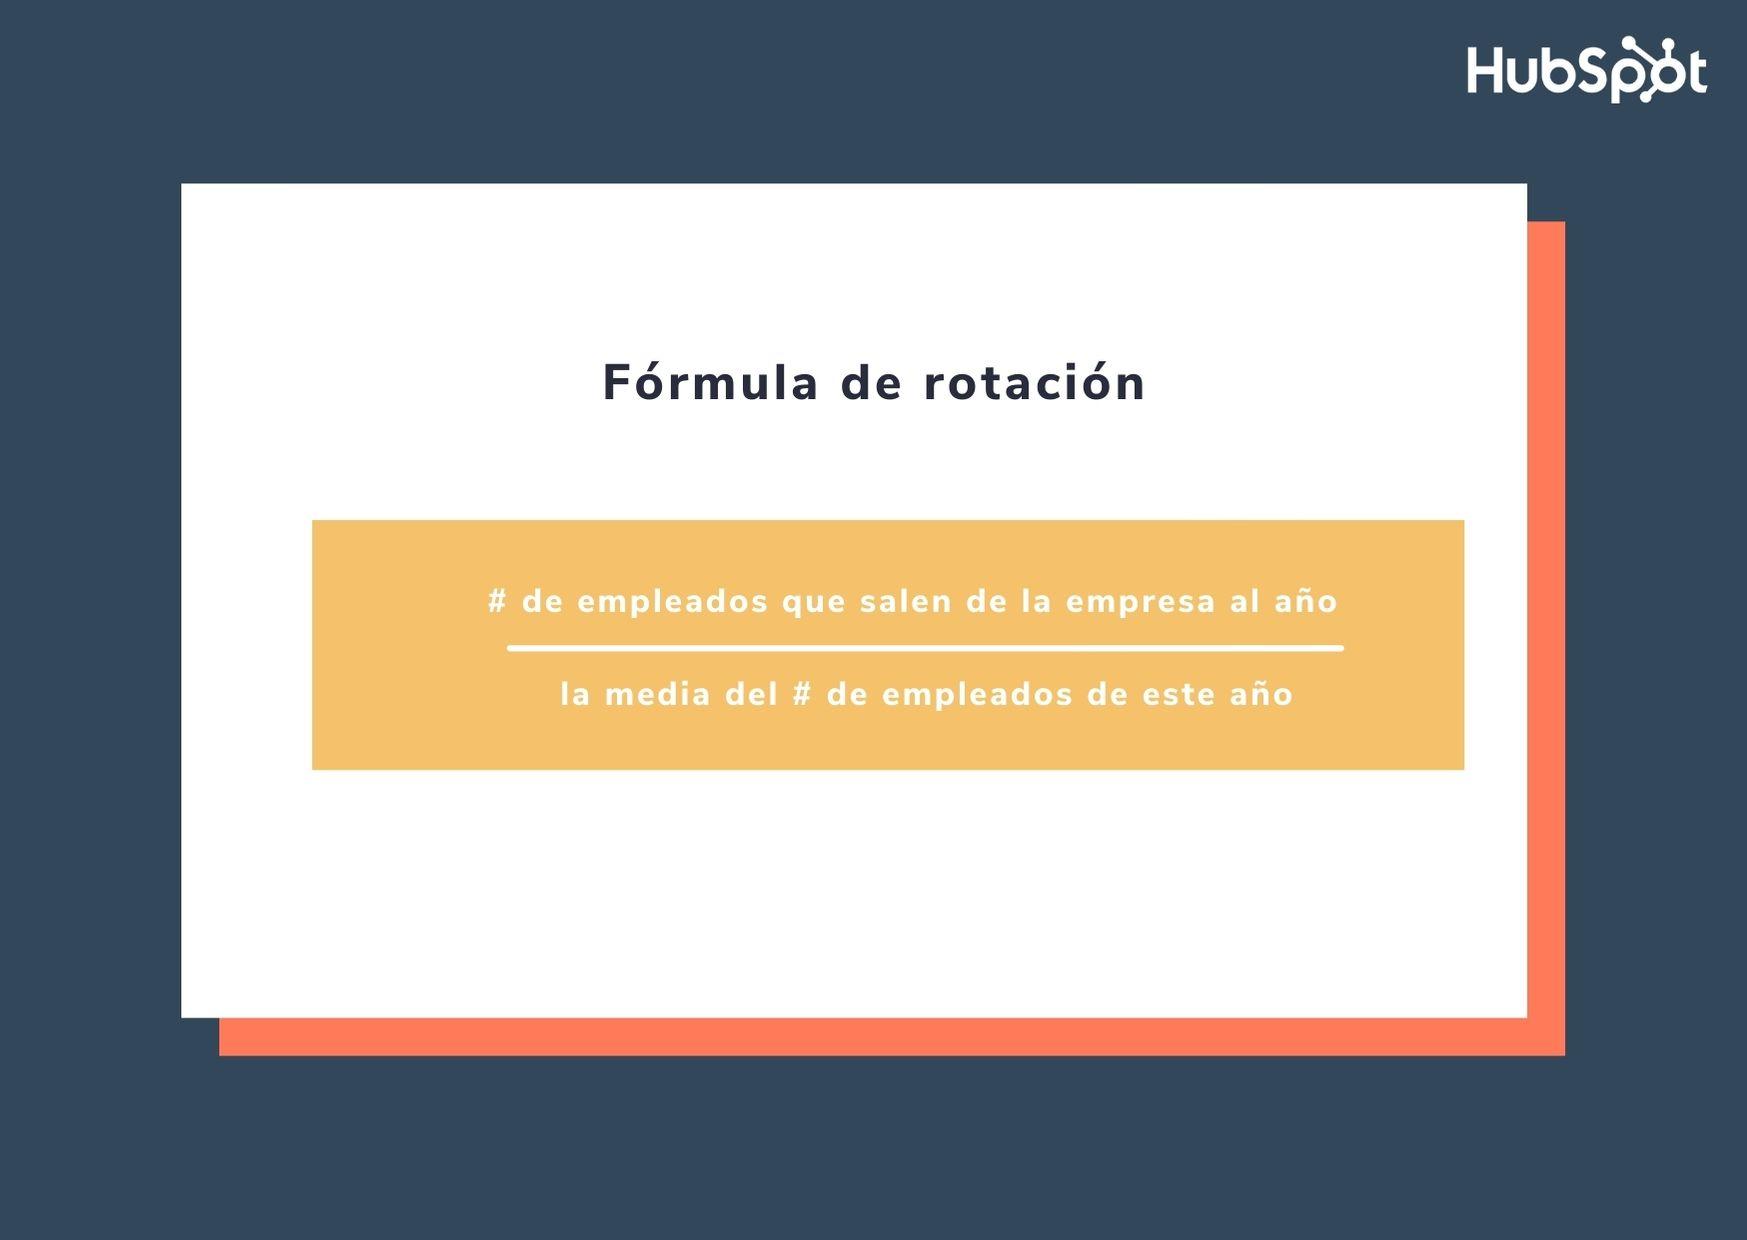 Fórmula de rotación de empleados